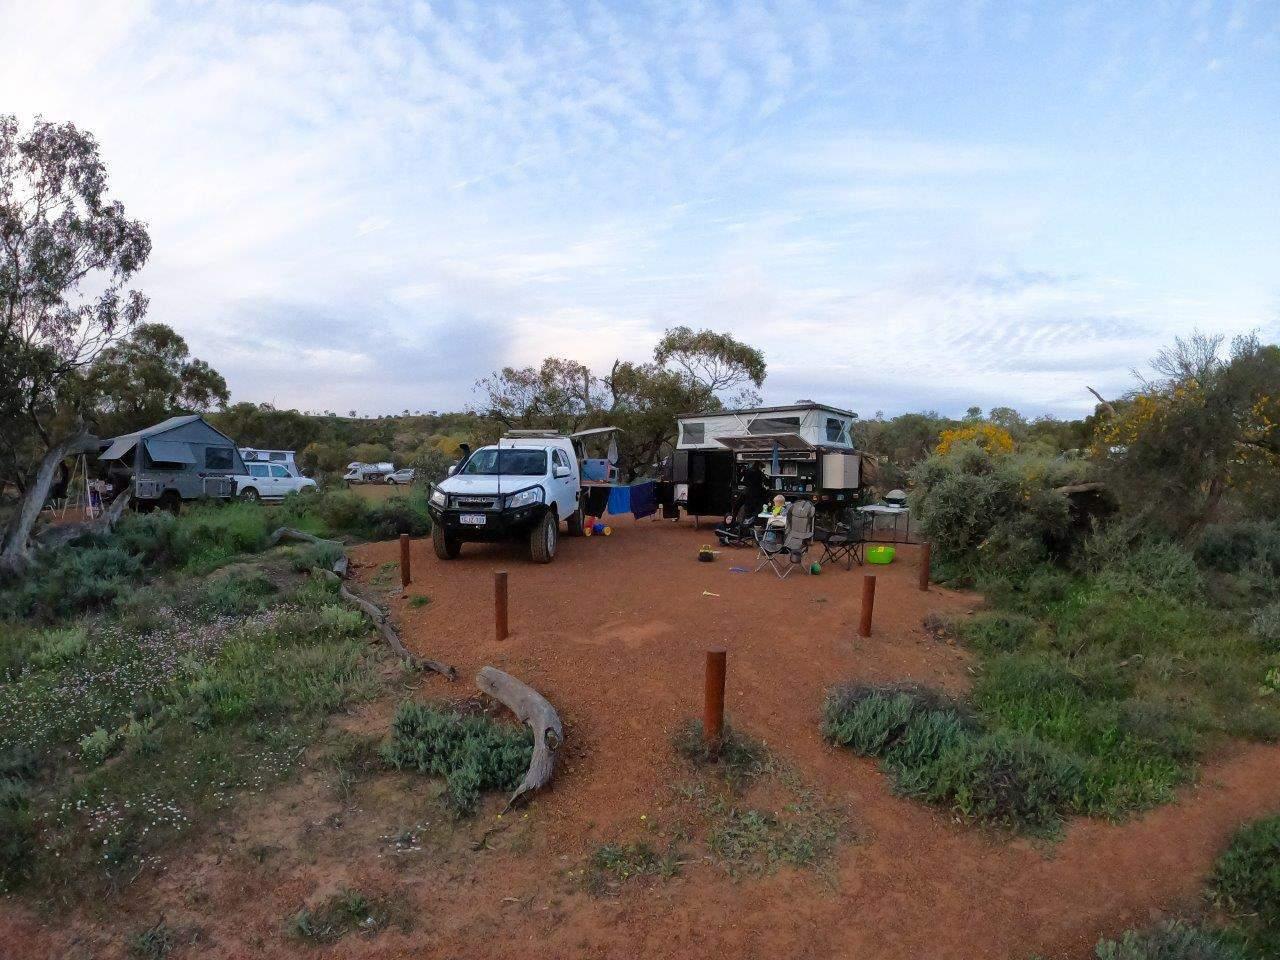 Coalseam camp ground